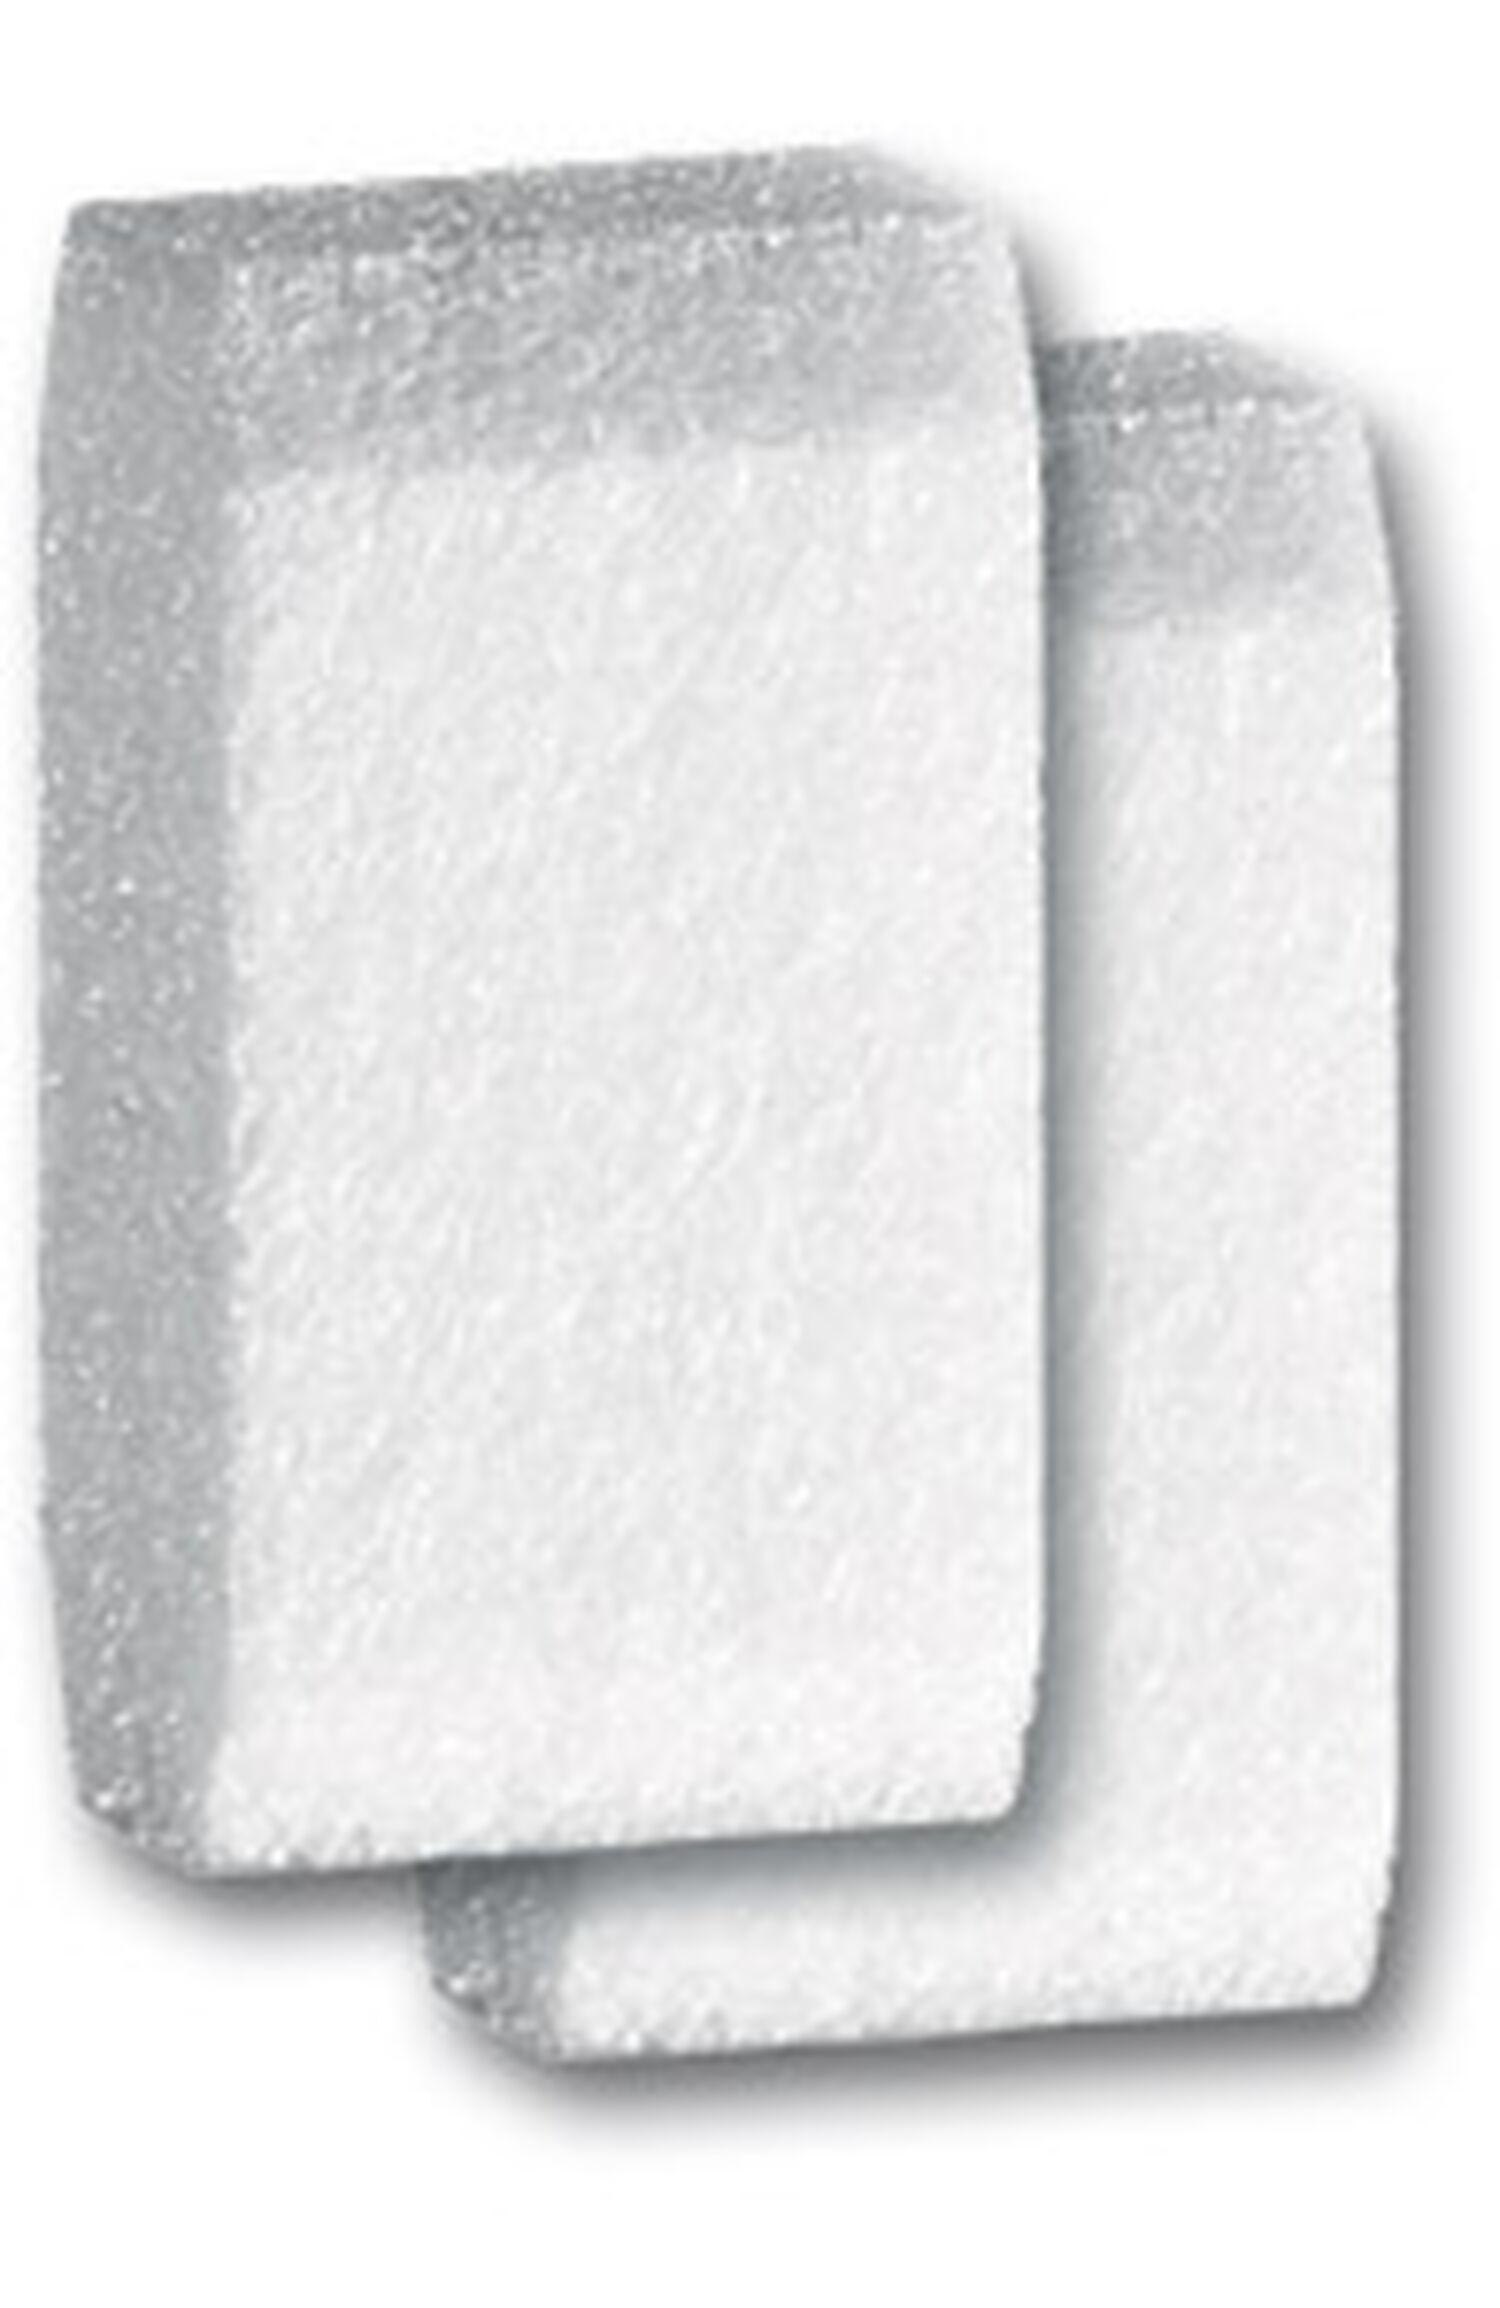 High-Flow Tip - 15 mm